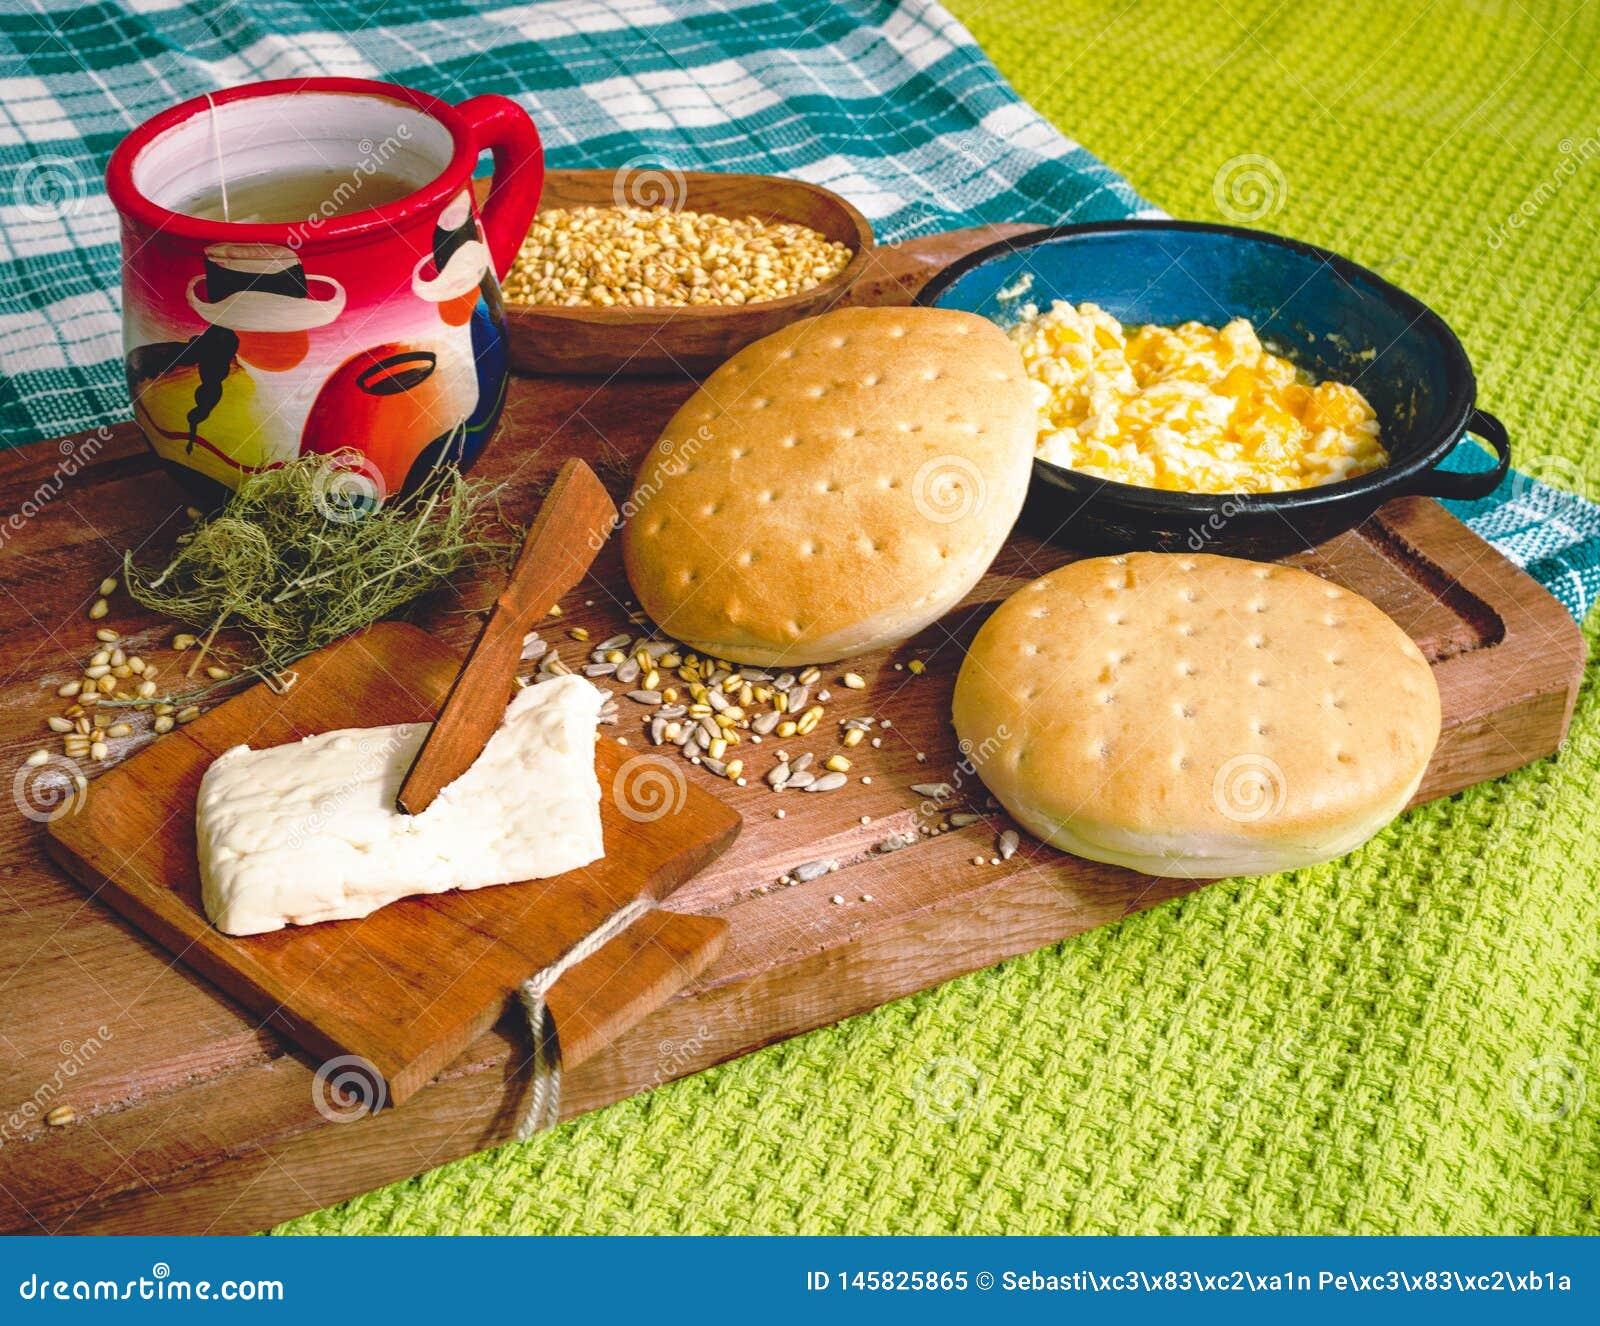 Caf? da manh? latino-americano na tabela de madeira